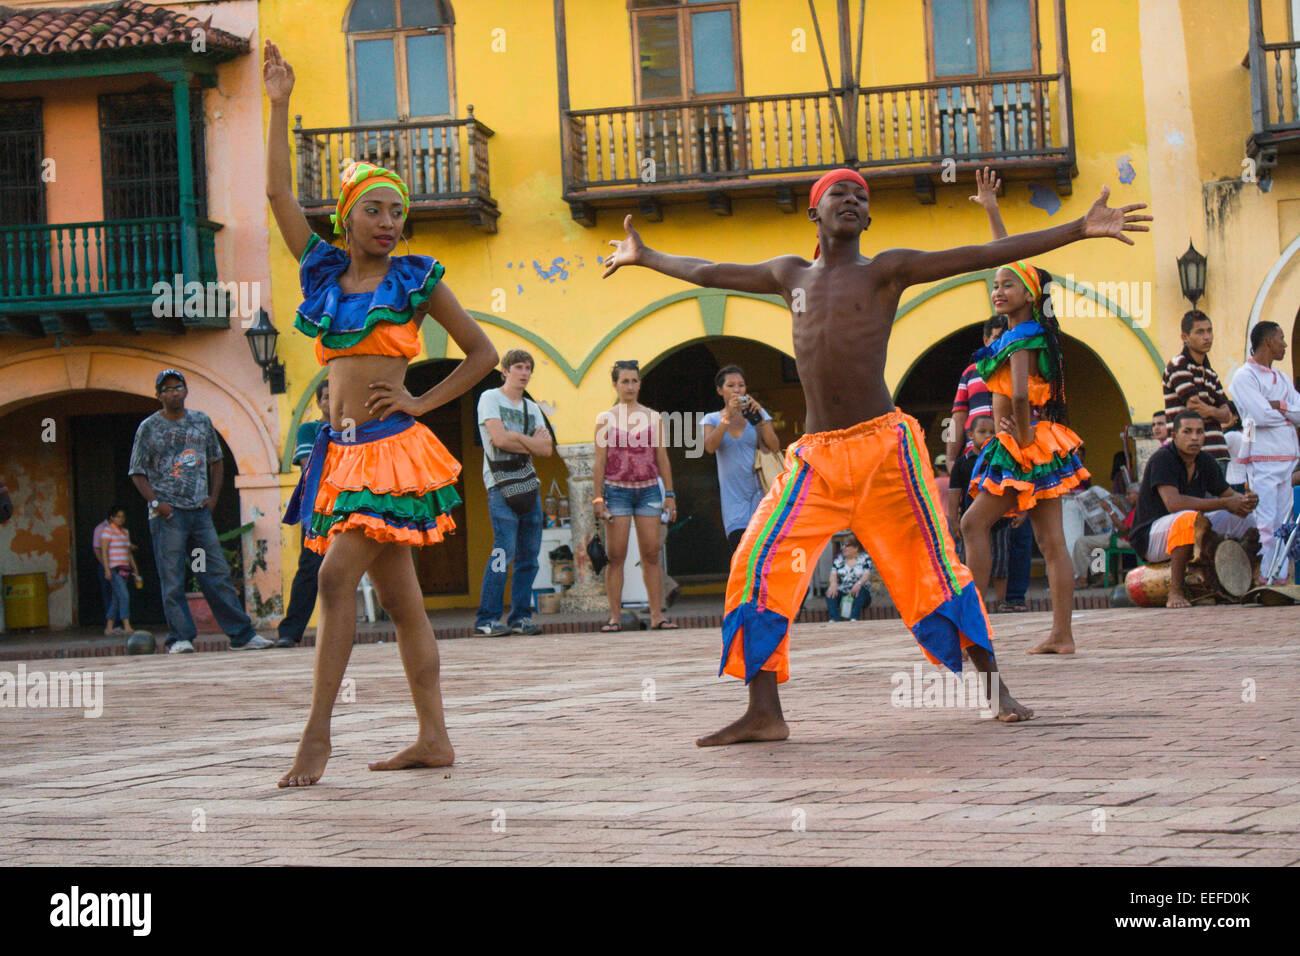 Danse traditionnelle Mapele la vieille ville de Carthagène, Colombie Photo Stock